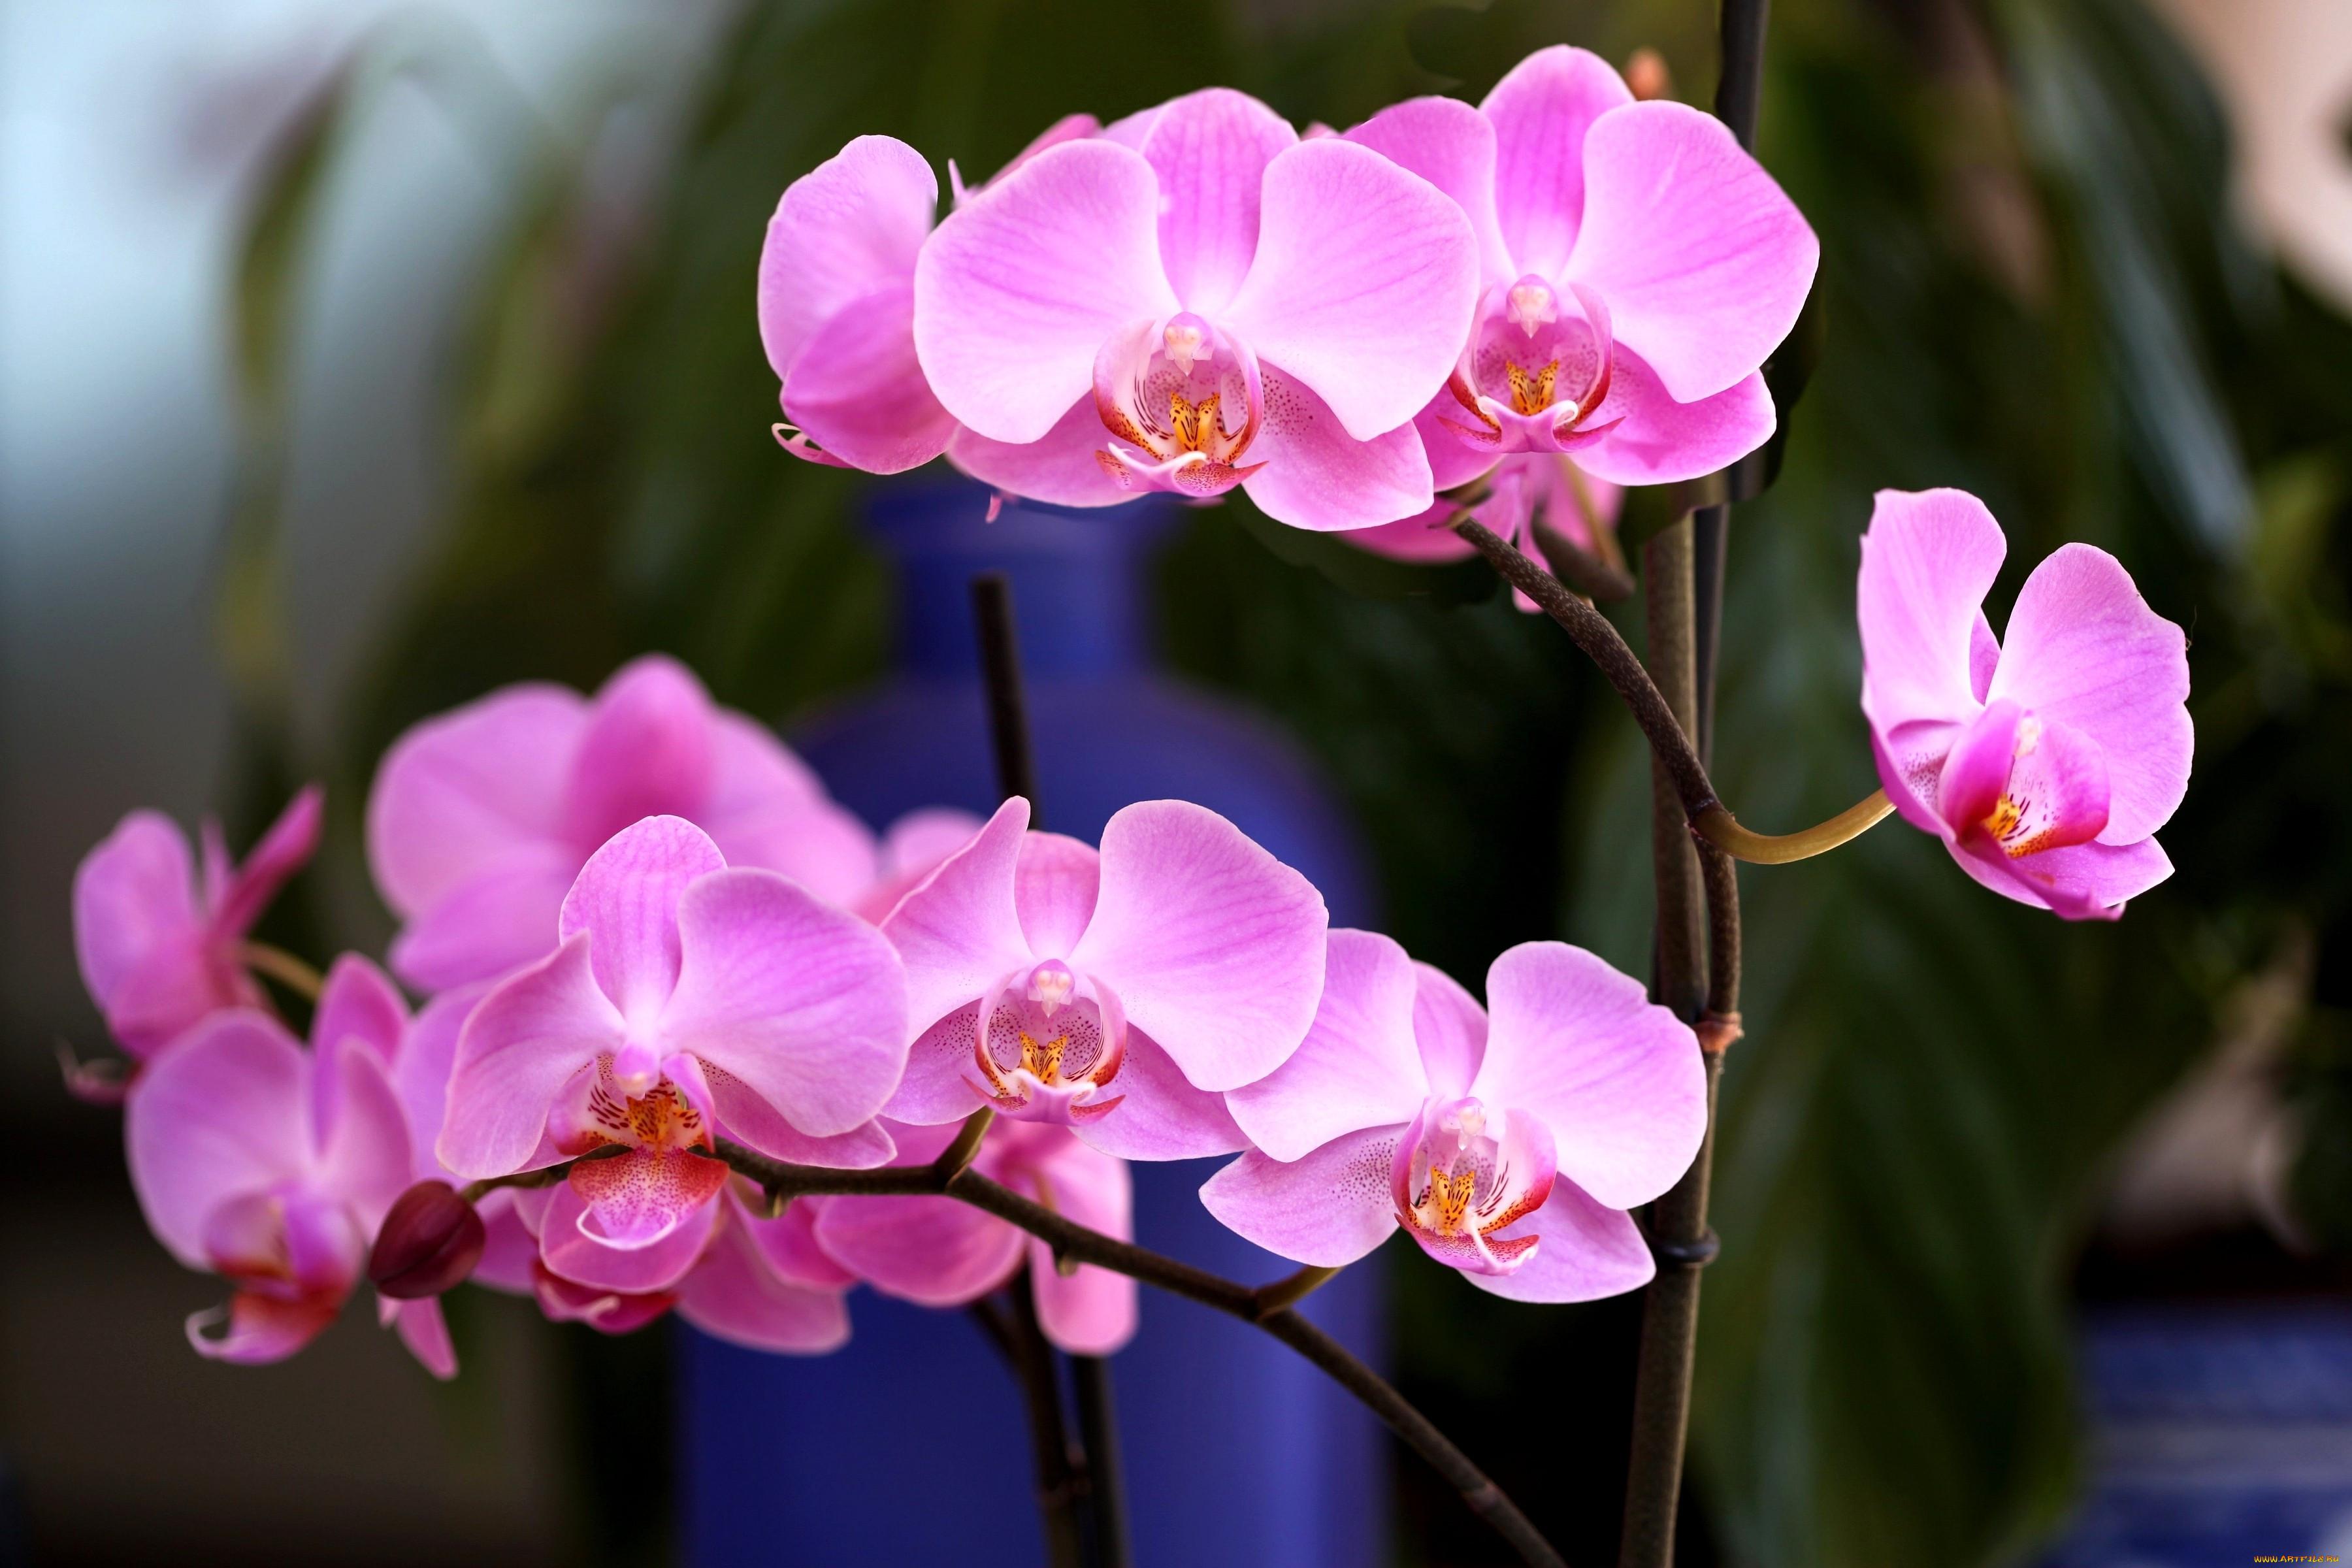 речь пойдет фото цветы обои на рабочий стол орхидеи тип